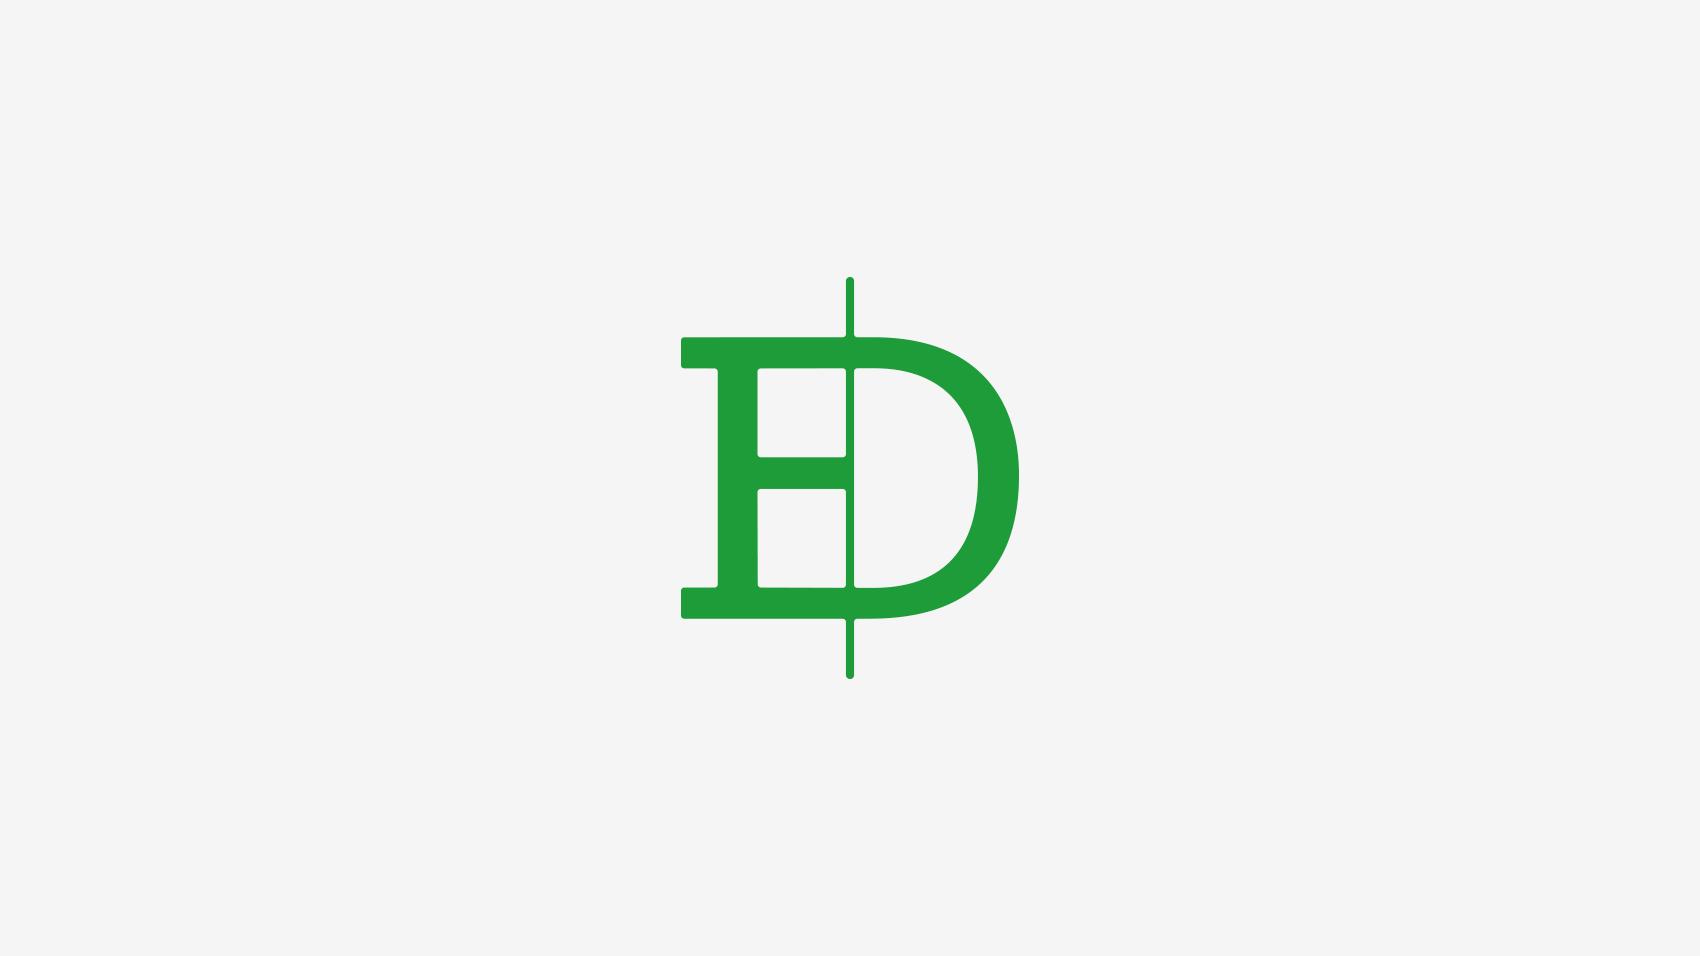 2014年10月から2014年11月までのロゴデザイン